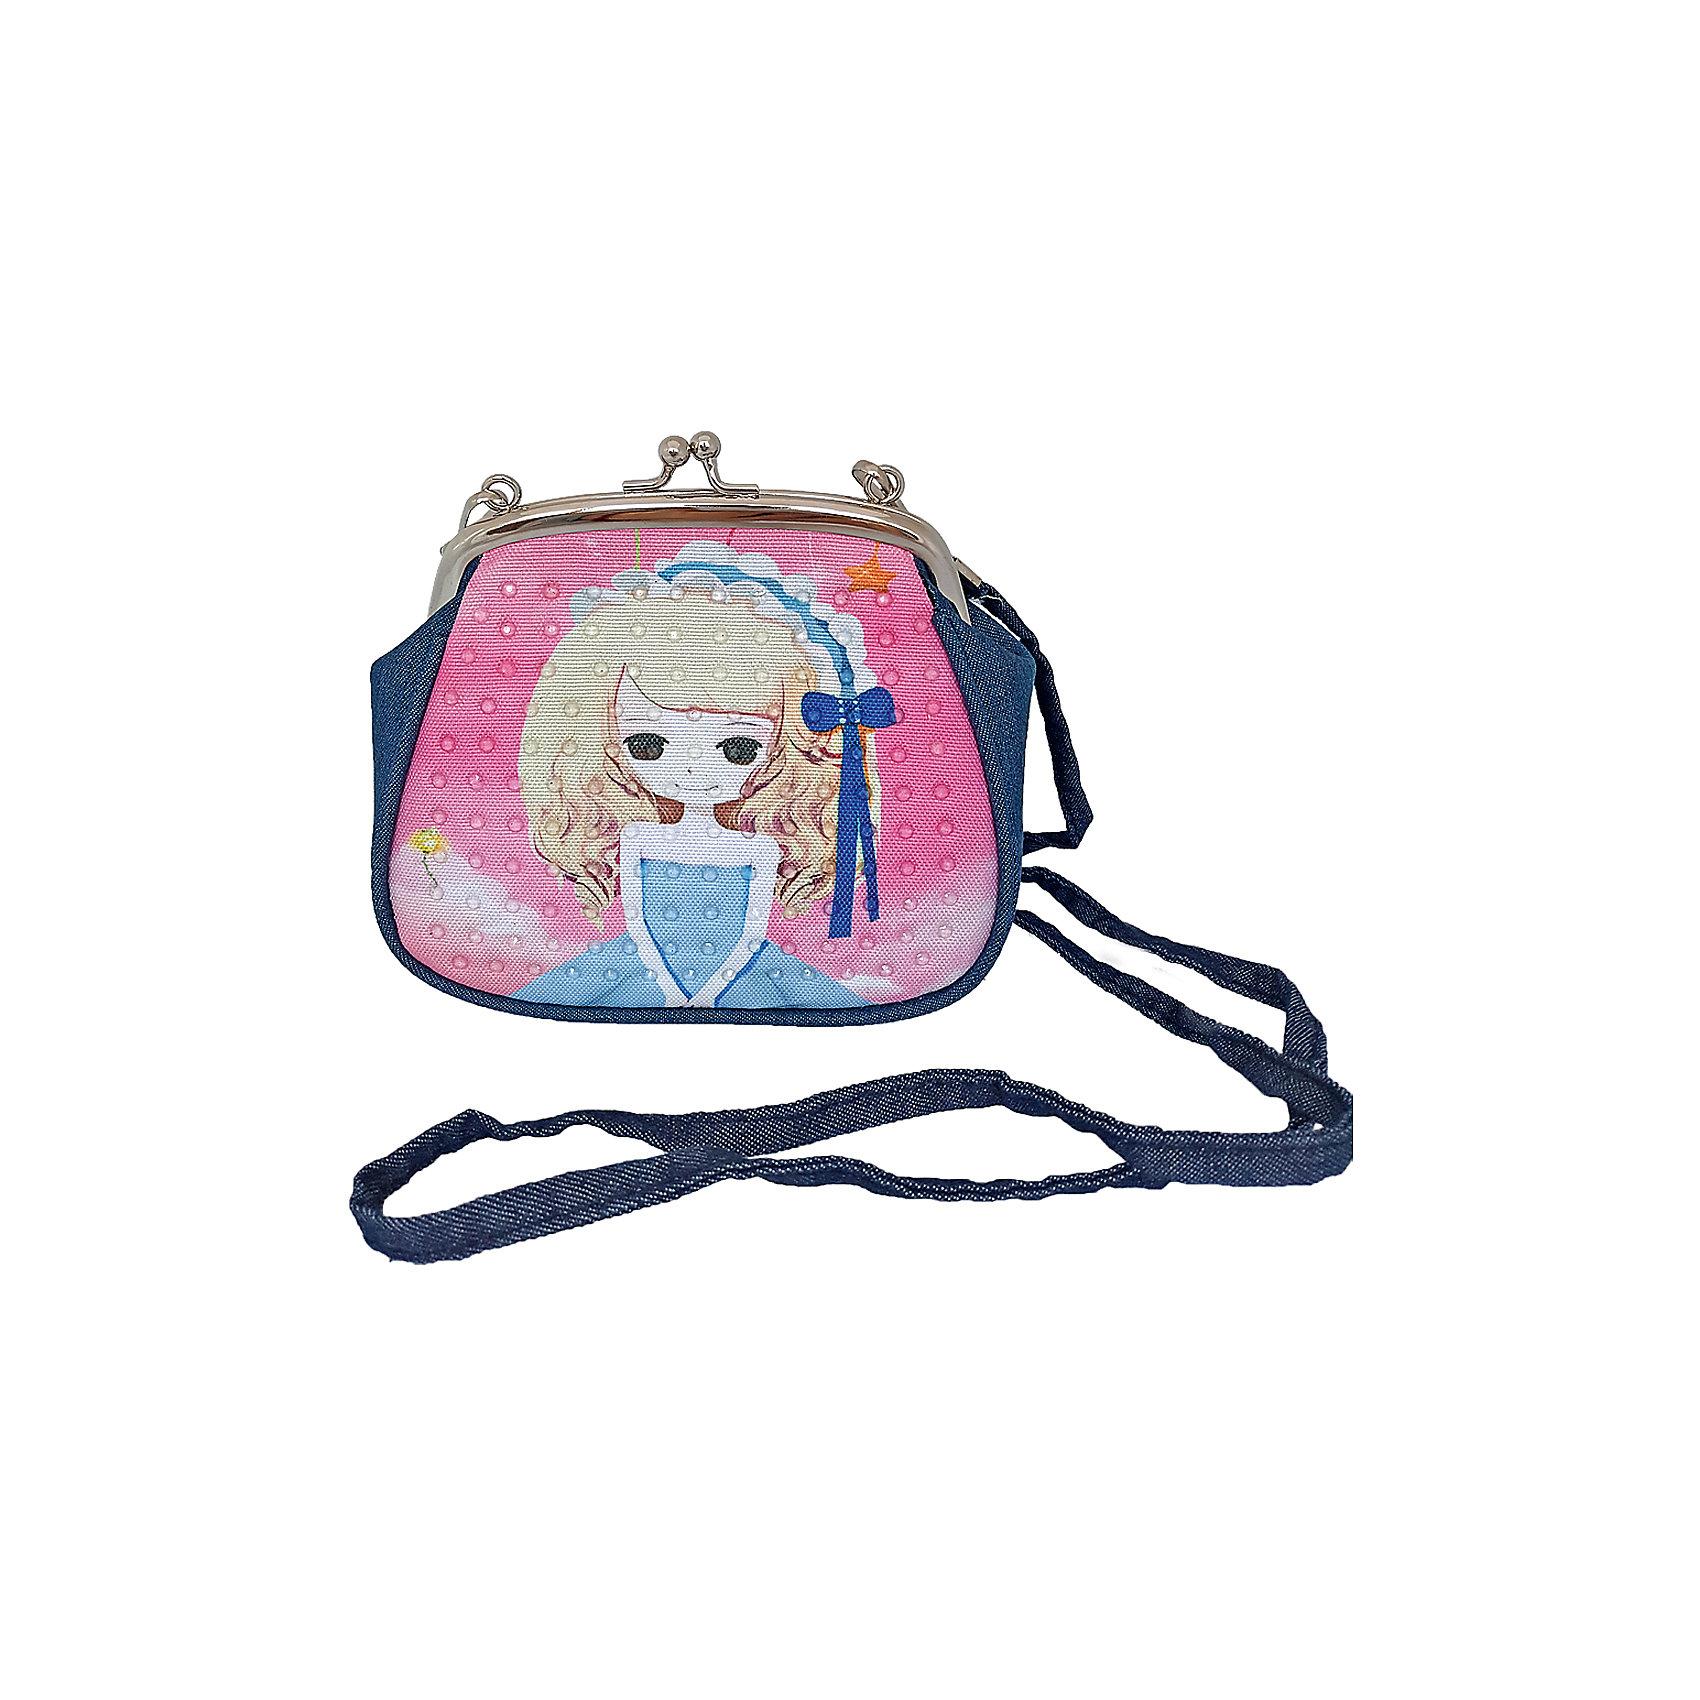 Сумочка с замочком Подружка-мечтательница, 16х14 см.Детские сумки<br>Сумочка с замочком Подружка-мечтательница, 16х14 см., Shantou Gepai (Шанту Гепаи)<br><br>Характеристики:<br><br>• ремешок в комплекте<br>• стильный дизайн<br>• материал: текстиль, металл<br>• размер: 16х14см<br>• размер упаковки: 17х17х3 см<br>• вес: 83 грамма<br><br>Маленькая удобная сумочка станет красивым и полезным аксессуаром для малышки. Девочка сможет положить в сумку косметику, расческу и другие необходимые вещицы. Удобная застежка позволит без труда открыть и закрыть сумочку при необходимости. В комплект входит ремешок, который позволит комфортно носить сумочку на плече.<br><br>Сумочку с замочком Подружка-мечтательница, 16х14 см., Shantou Gepai (Шанту Гепаи) вы можете купить в нашем интернет-магазине.<br><br>Ширина мм: 170<br>Глубина мм: 170<br>Высота мм: 300<br>Вес г: 83<br>Возраст от месяцев: 36<br>Возраст до месяцев: 2147483647<br>Пол: Женский<br>Возраст: Детский<br>SKU: 5508572